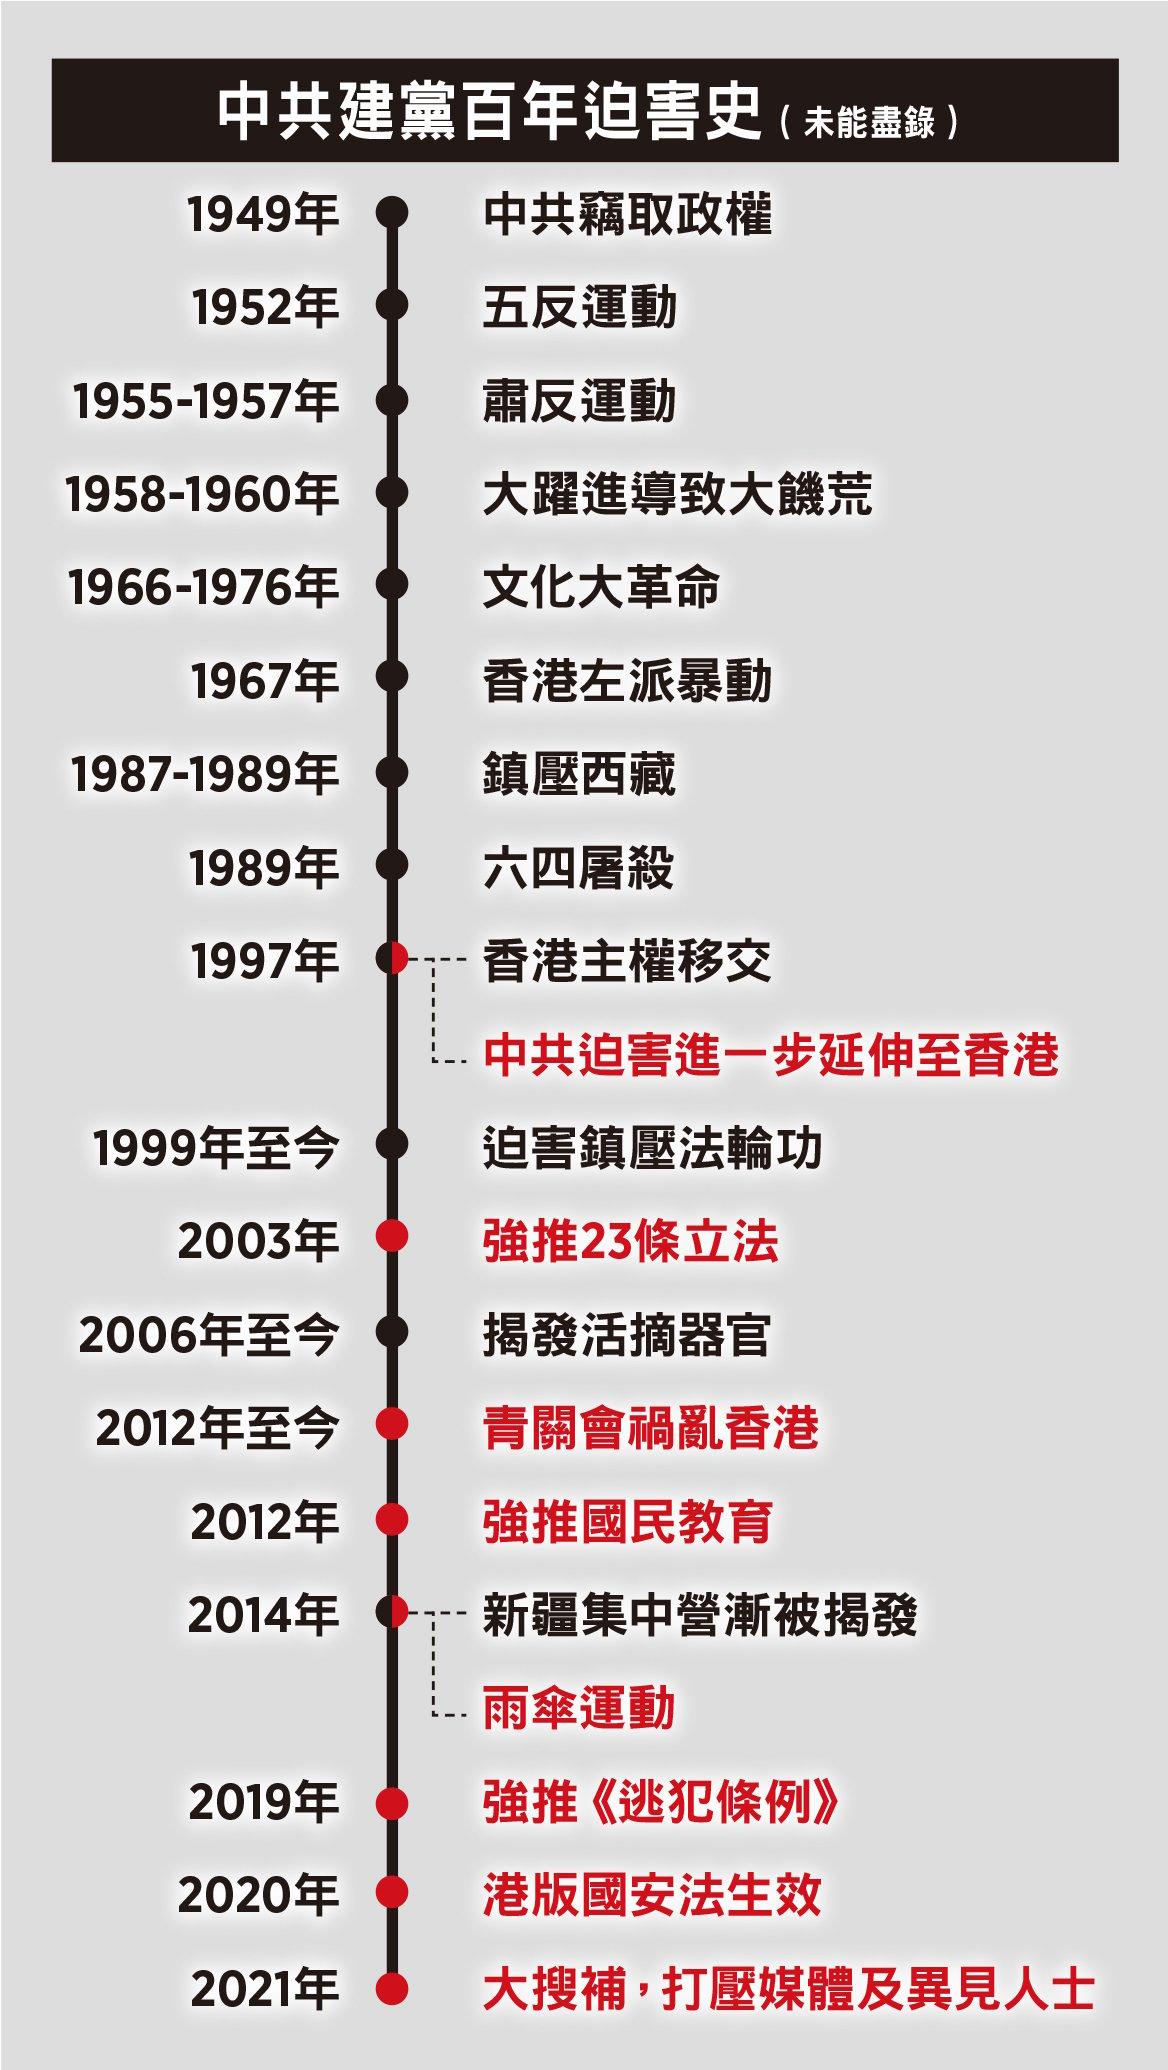 中共建黨百年迫害史 -- 未能盡錄(大紀元製圖)